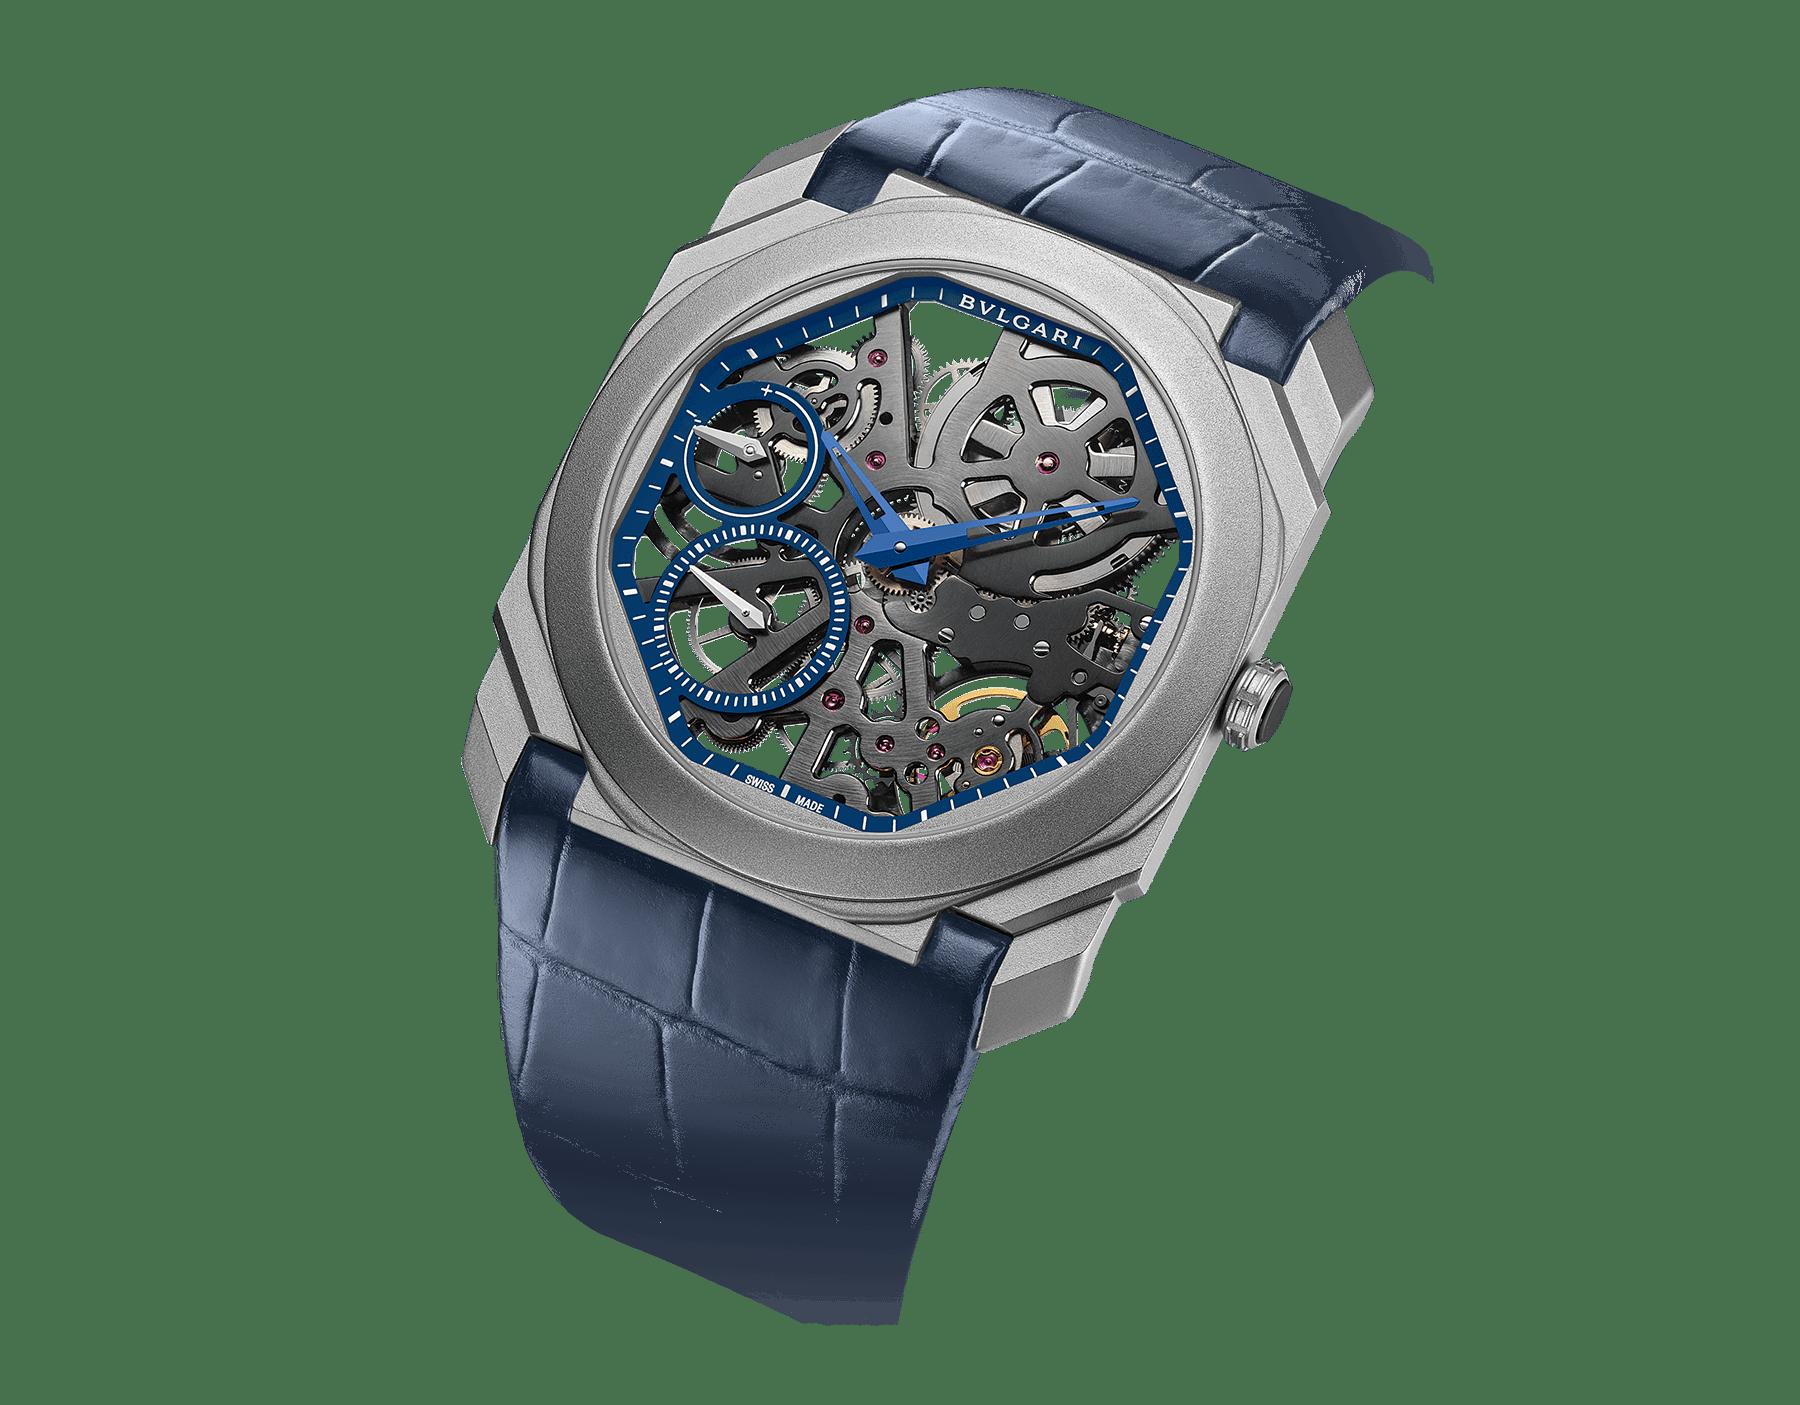 Relógio Octo Finissimo Skeleton Edição Limitada com movimento de manufatura mecânico extrafino (2,23mm de espessura), corda manual, pequenos segundos, indicação de reserva de marcha, caixa em titânio jateado, mostrador esqueletizado azul, ponteiros azuis e pulseira em couro de jacaré azul 102941 image 2